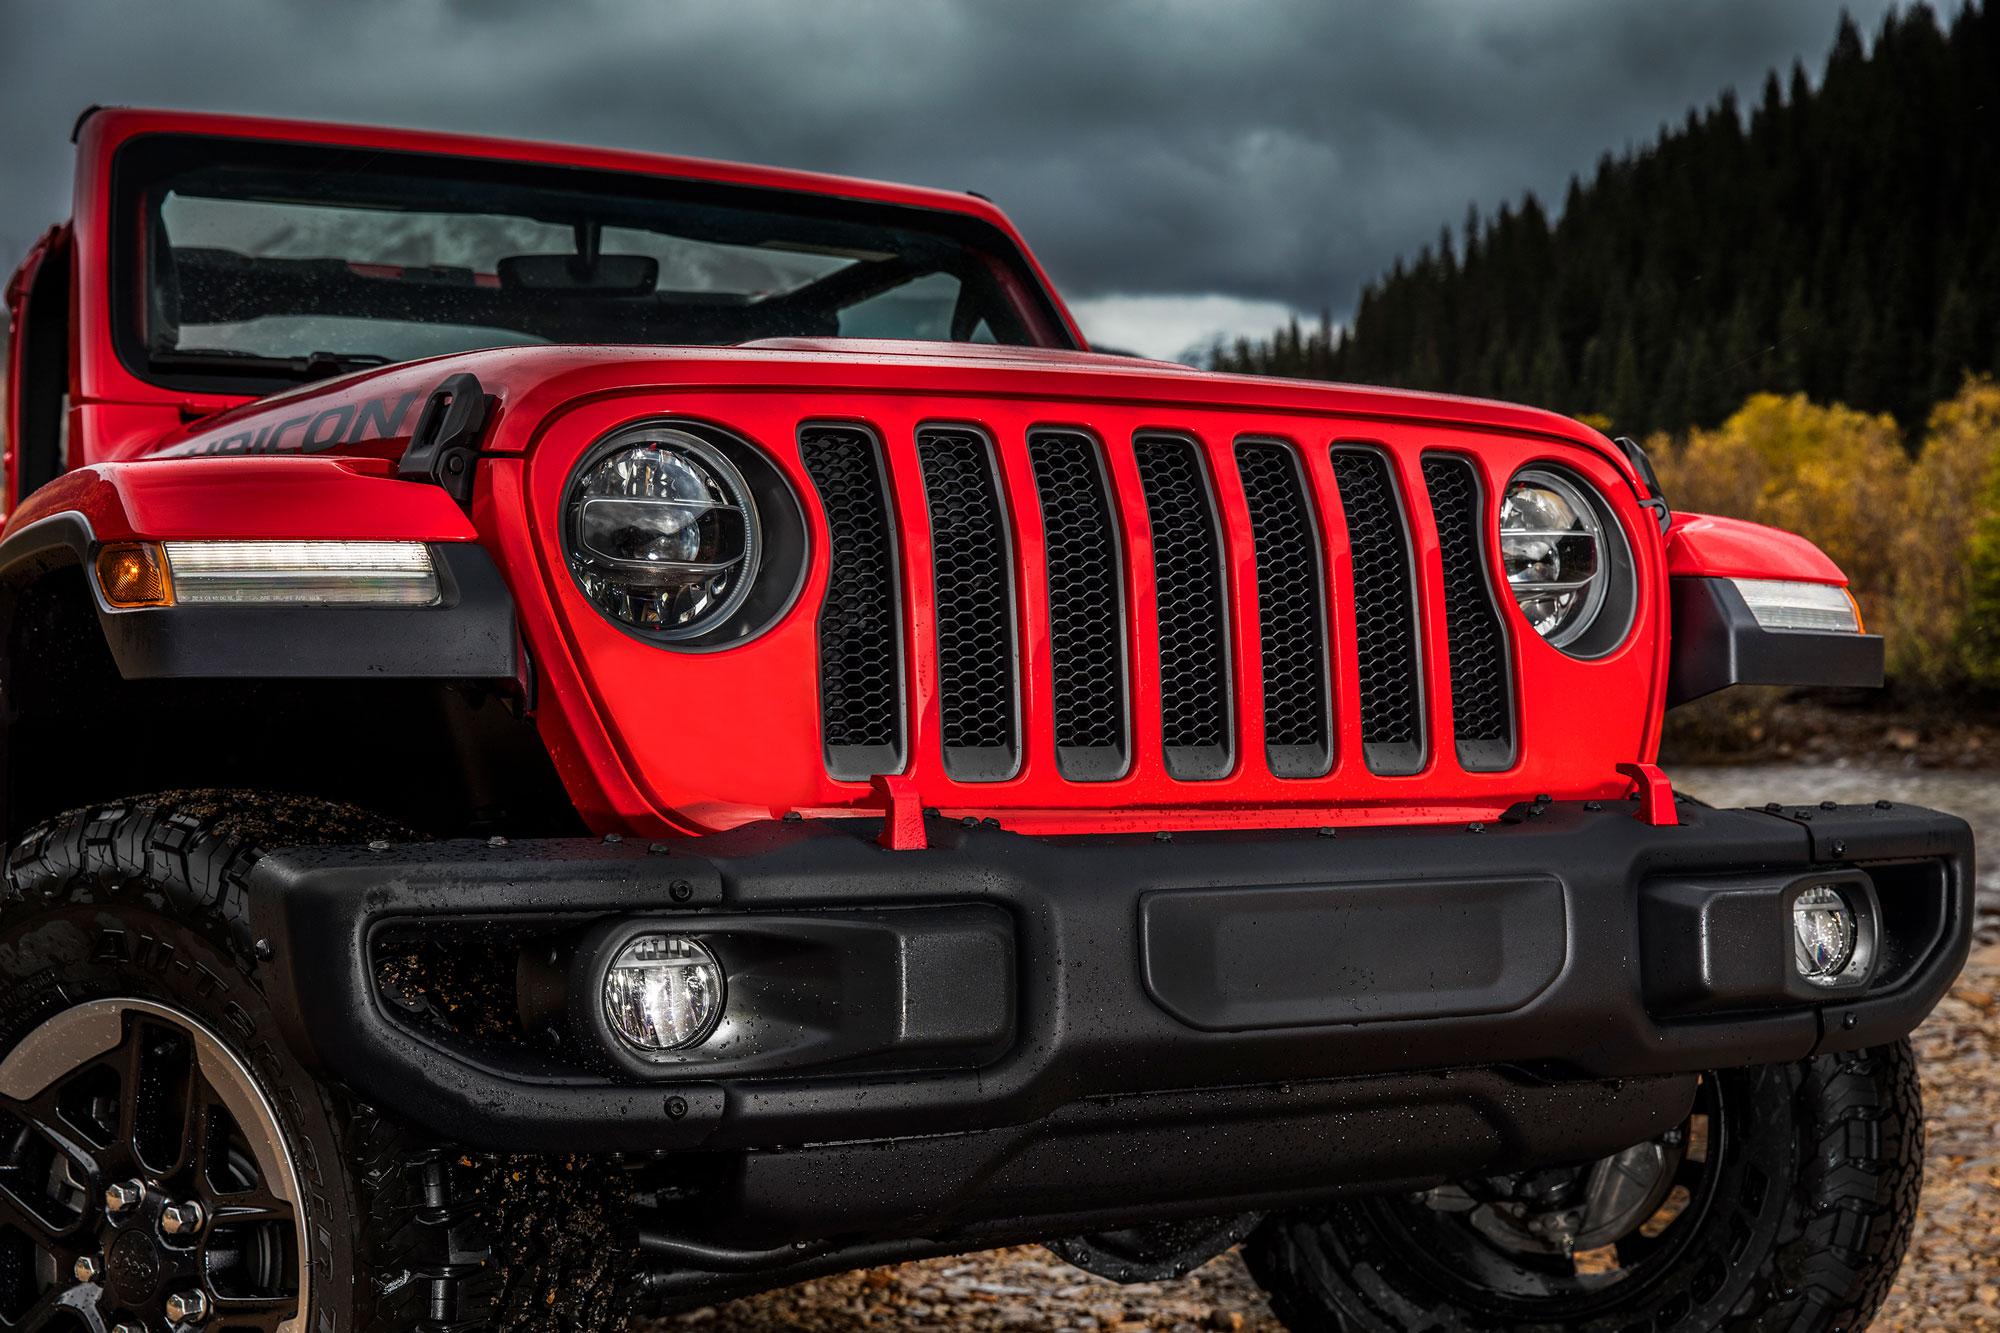 jeep-wrangler-grill Aflati totul despre noul Jeep Wrangler JL 2018 - Specificatii tehnice, Galerie Foto